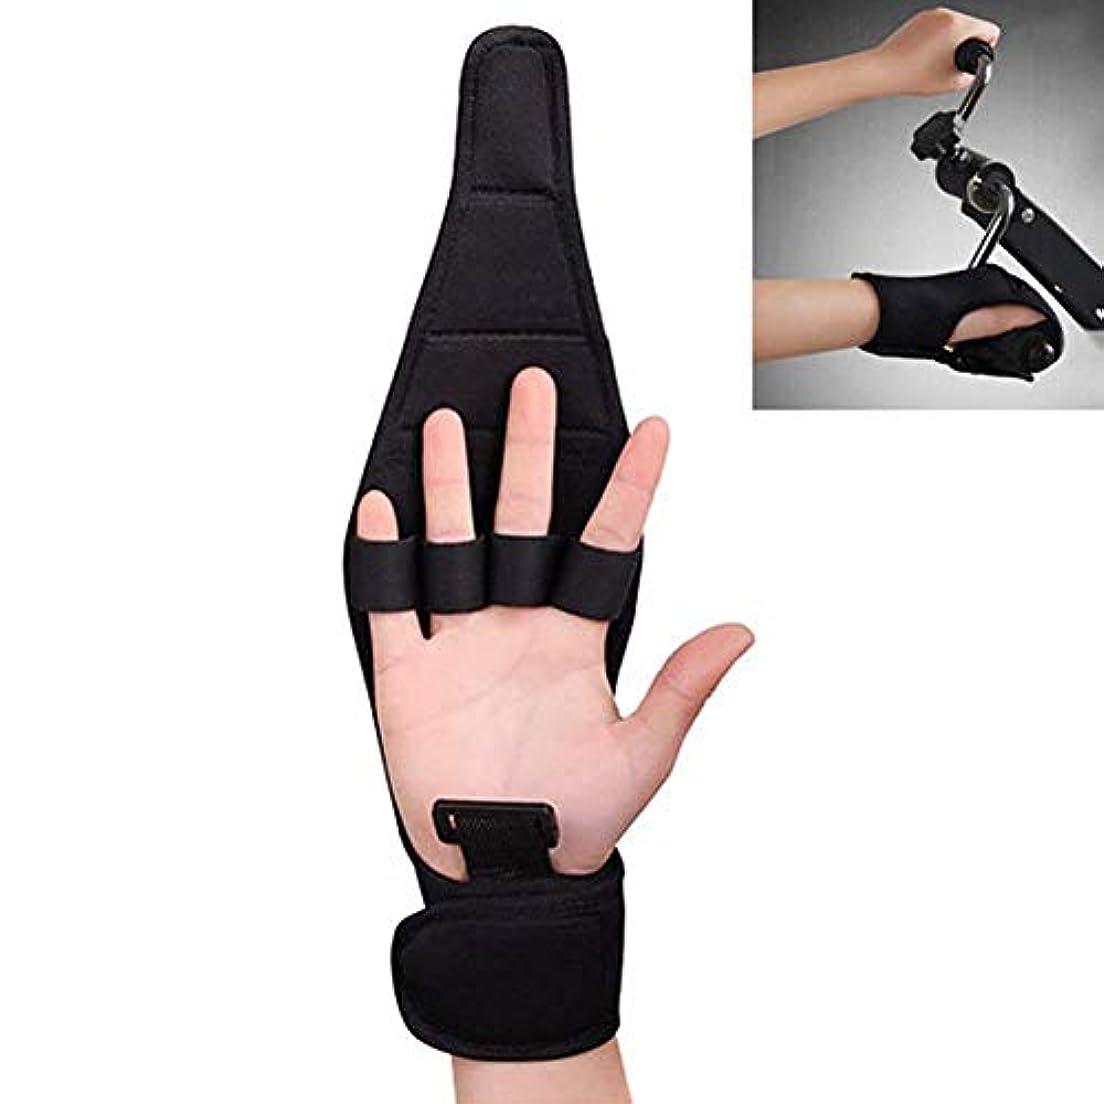 手首飢饉相手トリガーフィンガースプリント、関節炎グローブセパレーターでのトレーニングサポートをサポート手装具手首の怪我リハビリテーショントレーニング,1PCS